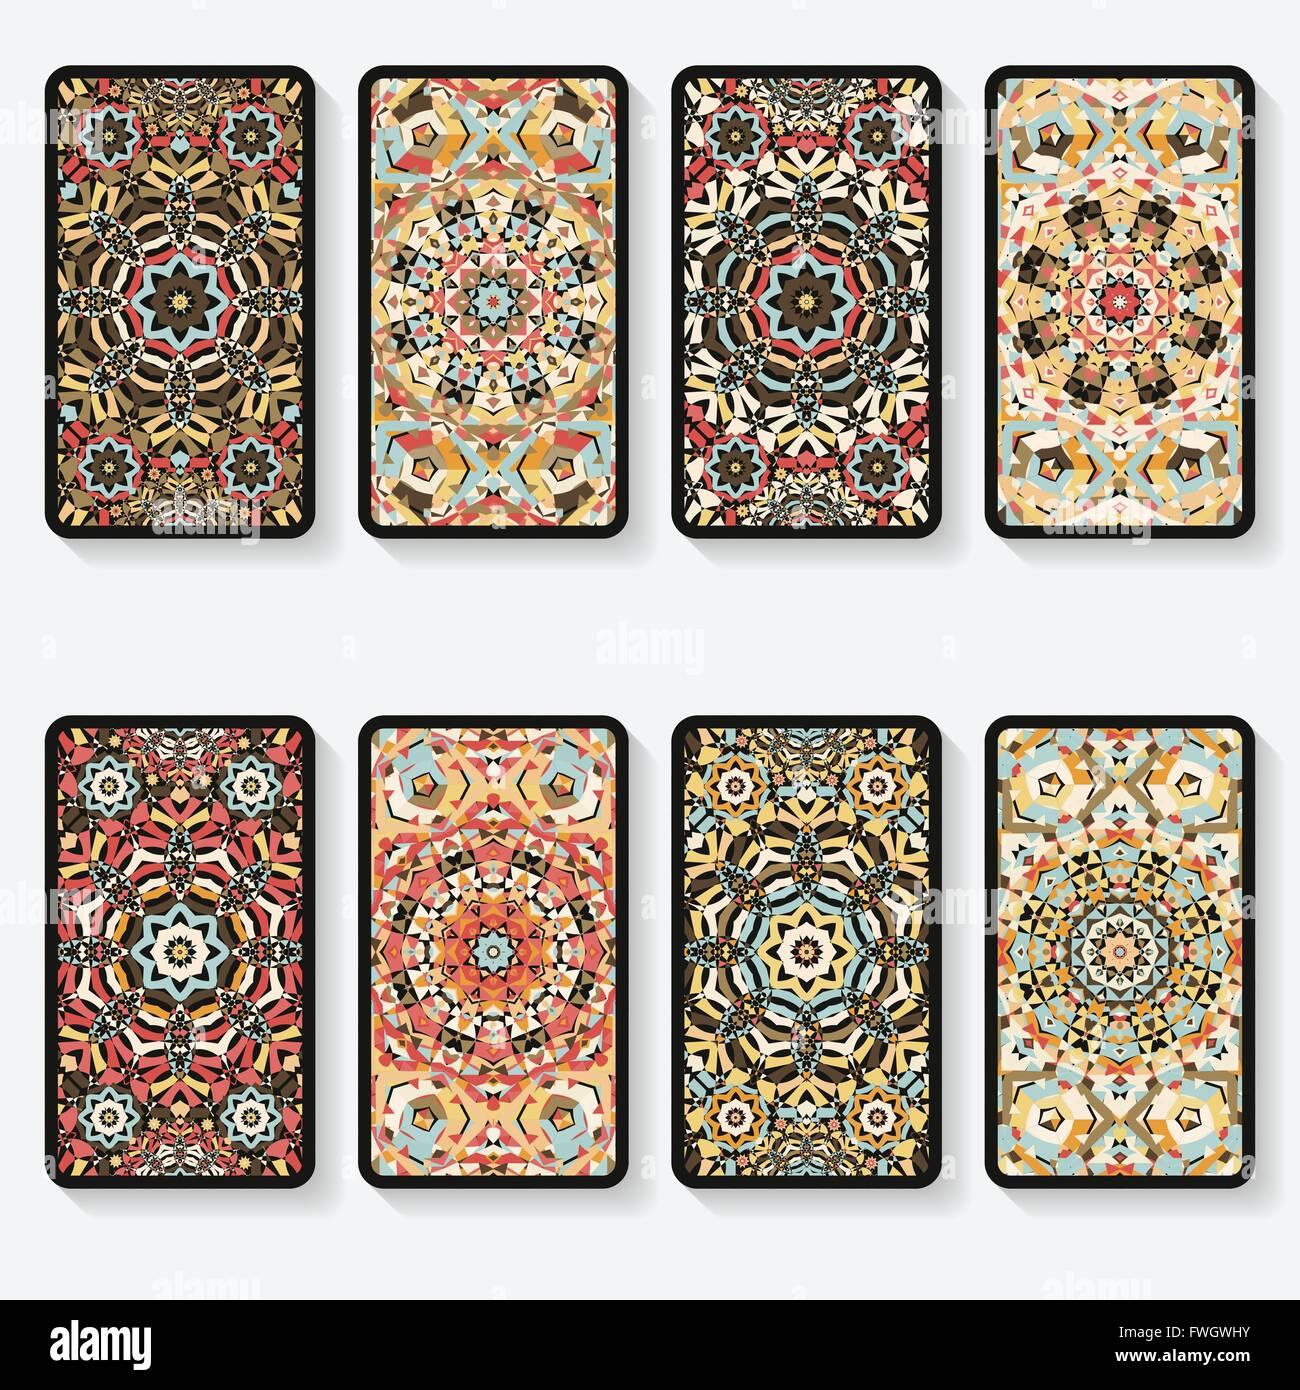 Tarot Cards Stock Vector Images - Alamy